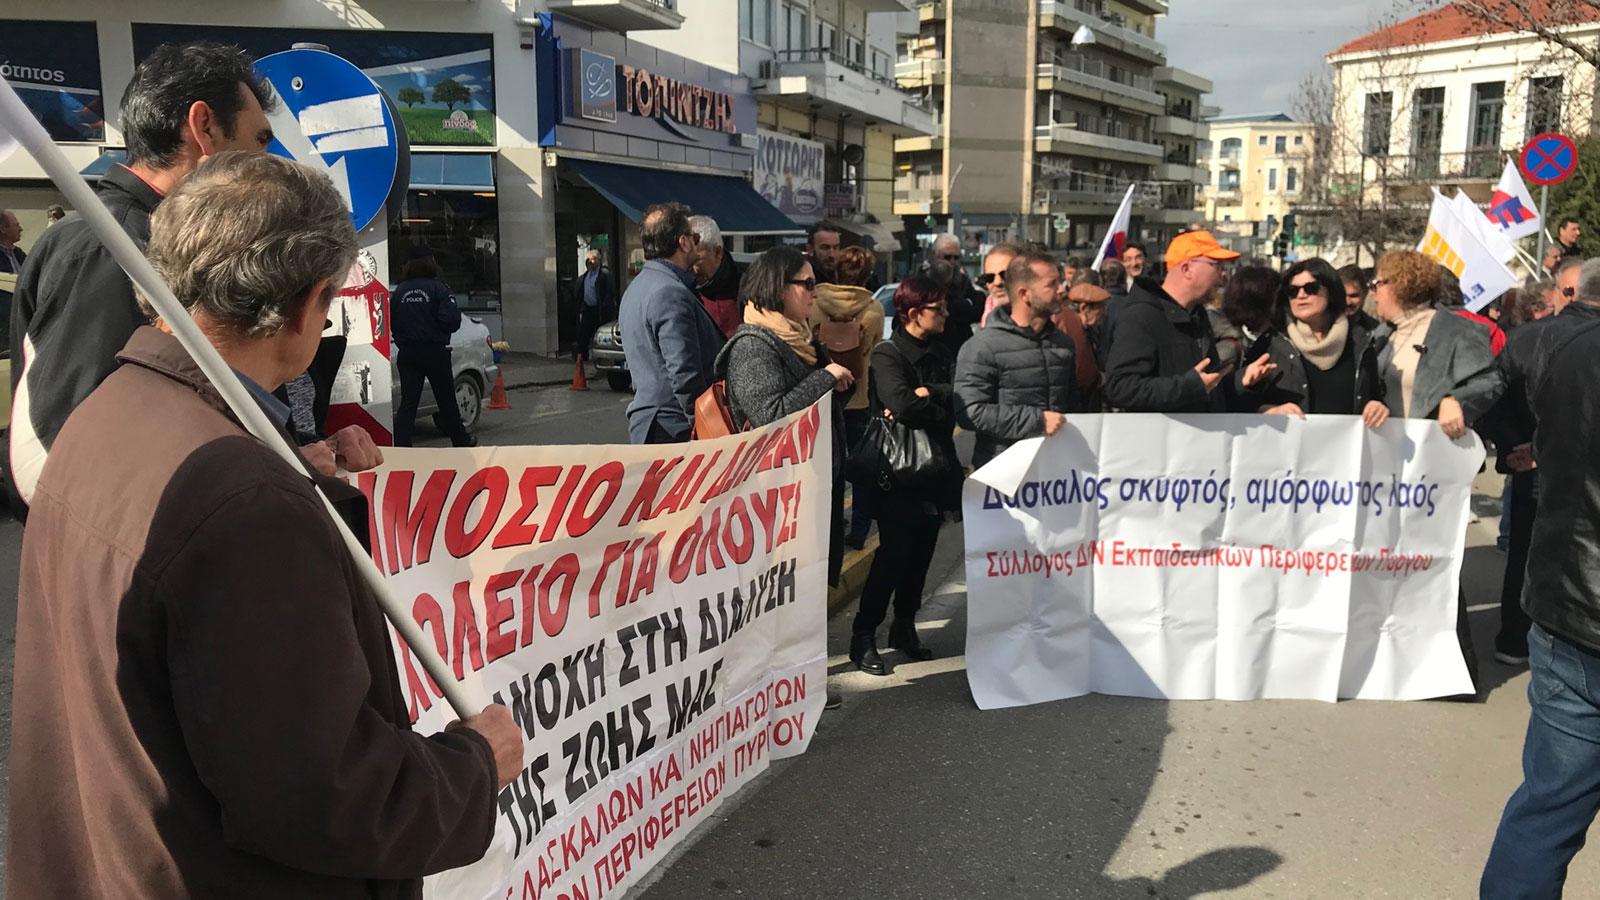 Πύργος: Δυναμική κινητοποίηση από τα σωματεία κατά του ασφαλιστικού νομοσχεδίου της κυβέρνησης (photos)